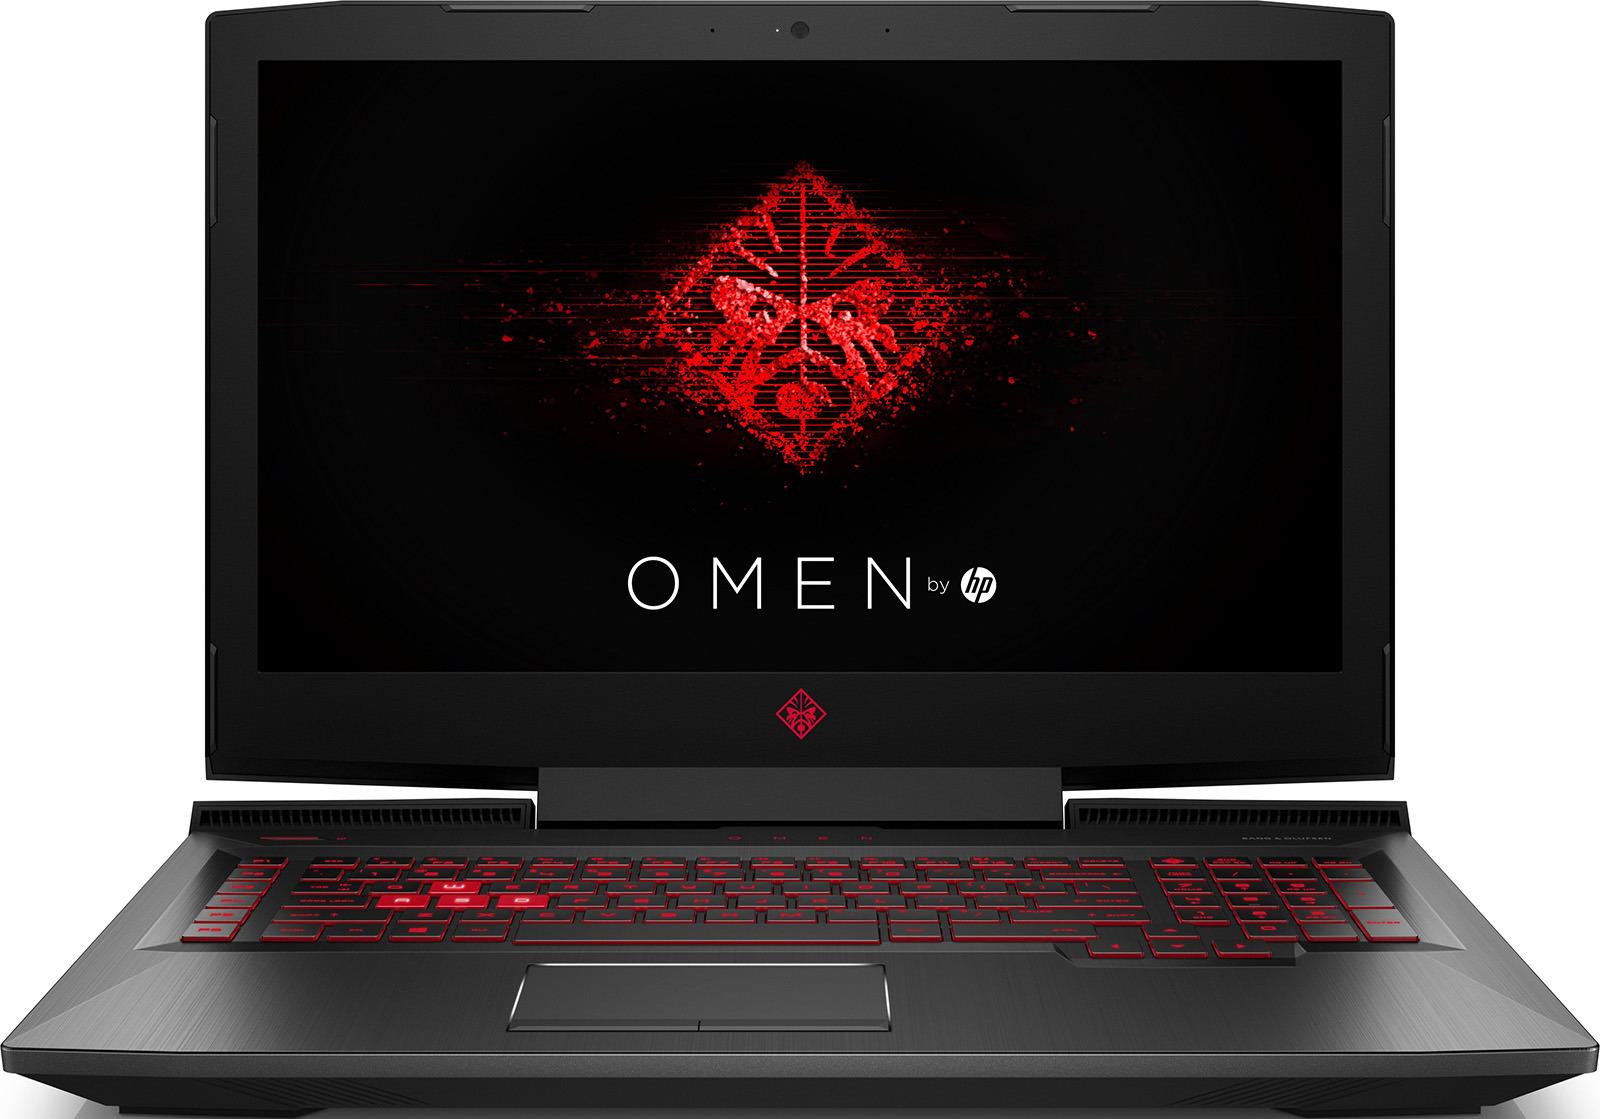 17.3 Игровой ноутбук HP Omen 17-an119ur 4JU07EA, черный 17 3 игровой ноутбук hp omen 17 an119ur 4ju07ea черный